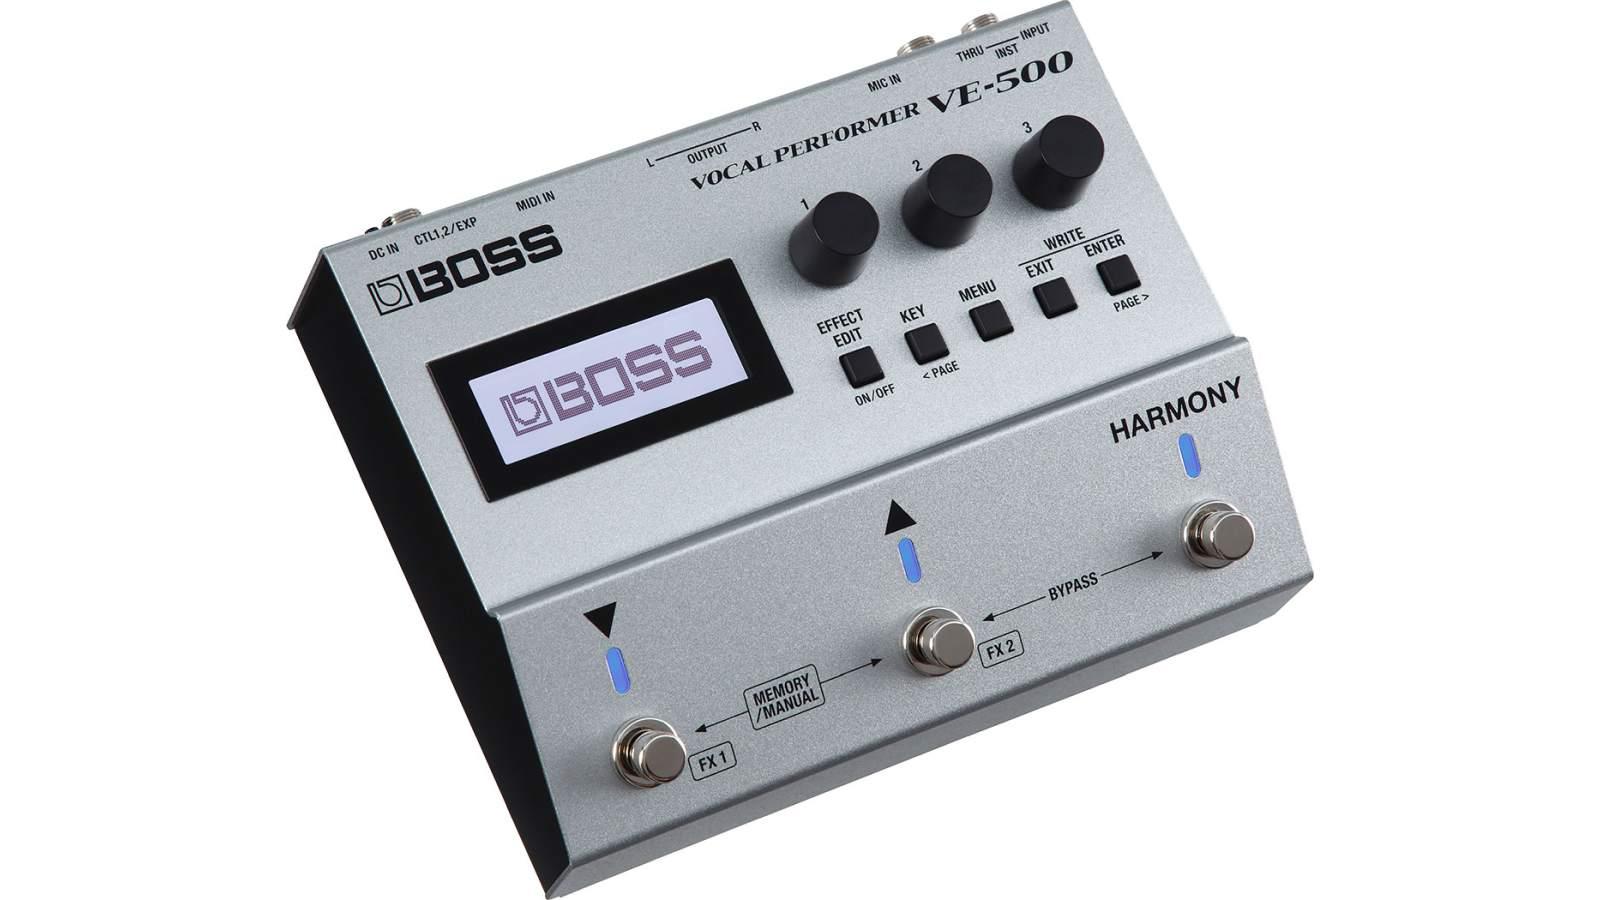 Boss VE-500 Vocal Peformer